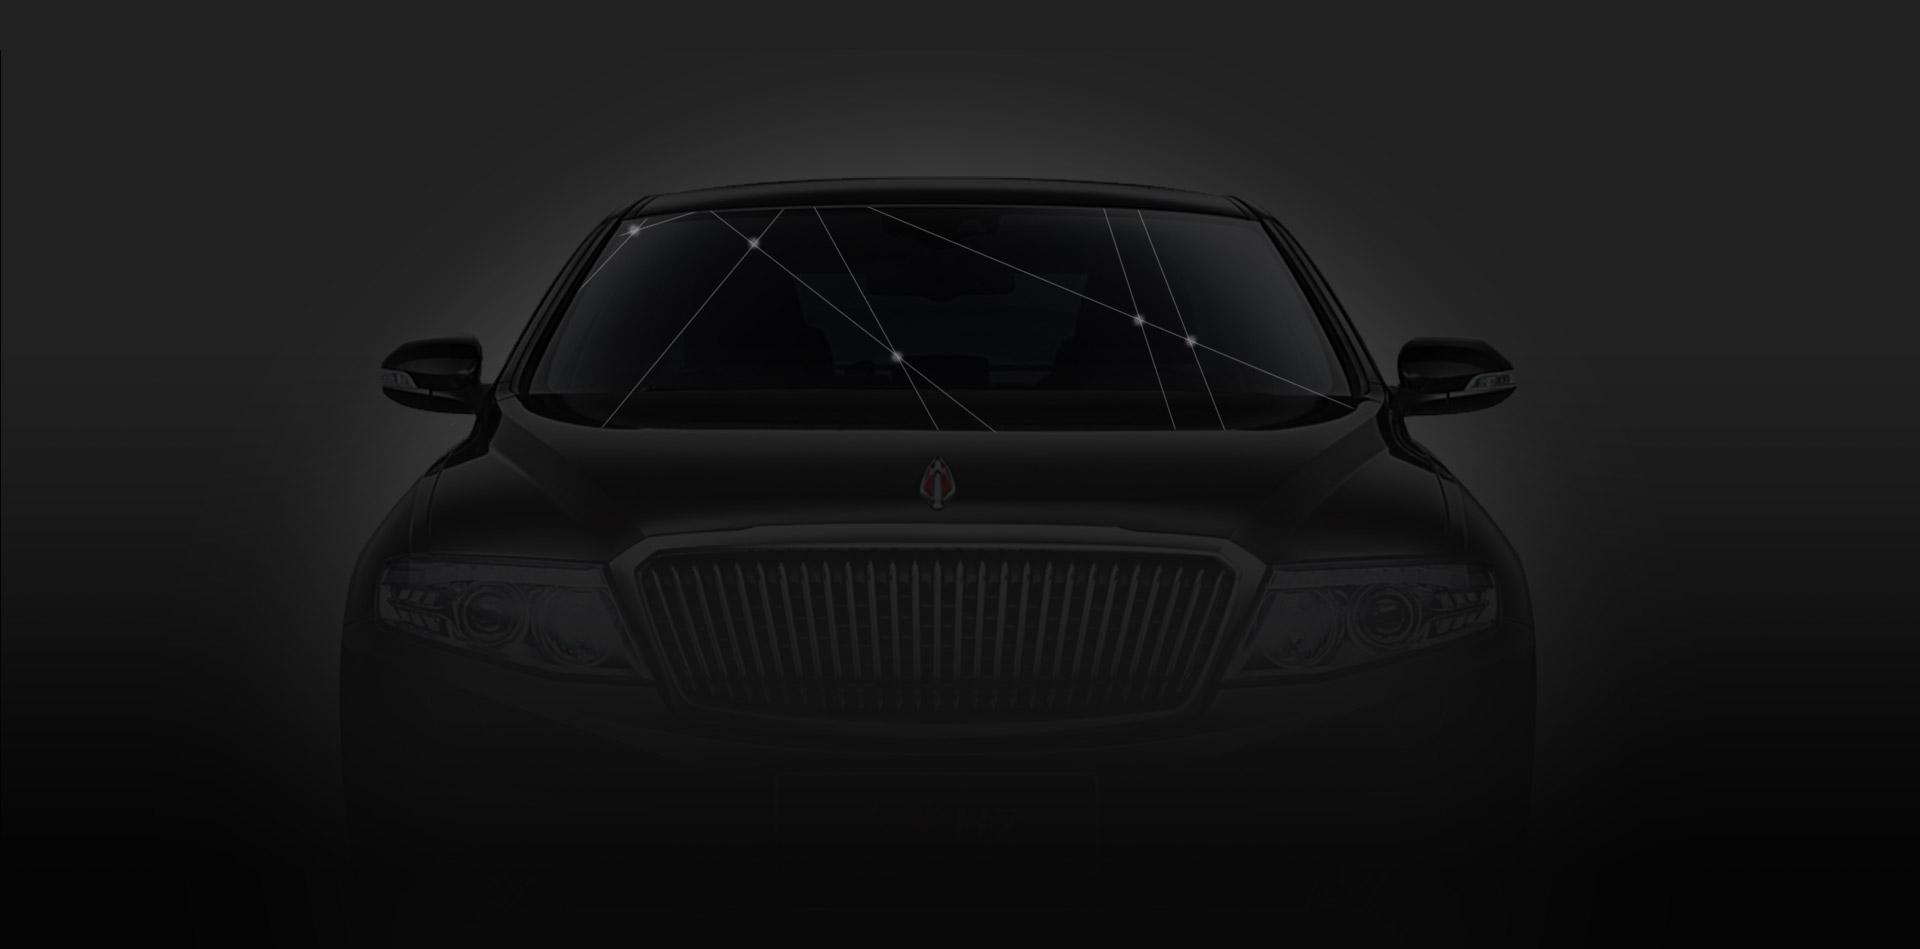 PH vitres d'autos - slide automobile noir